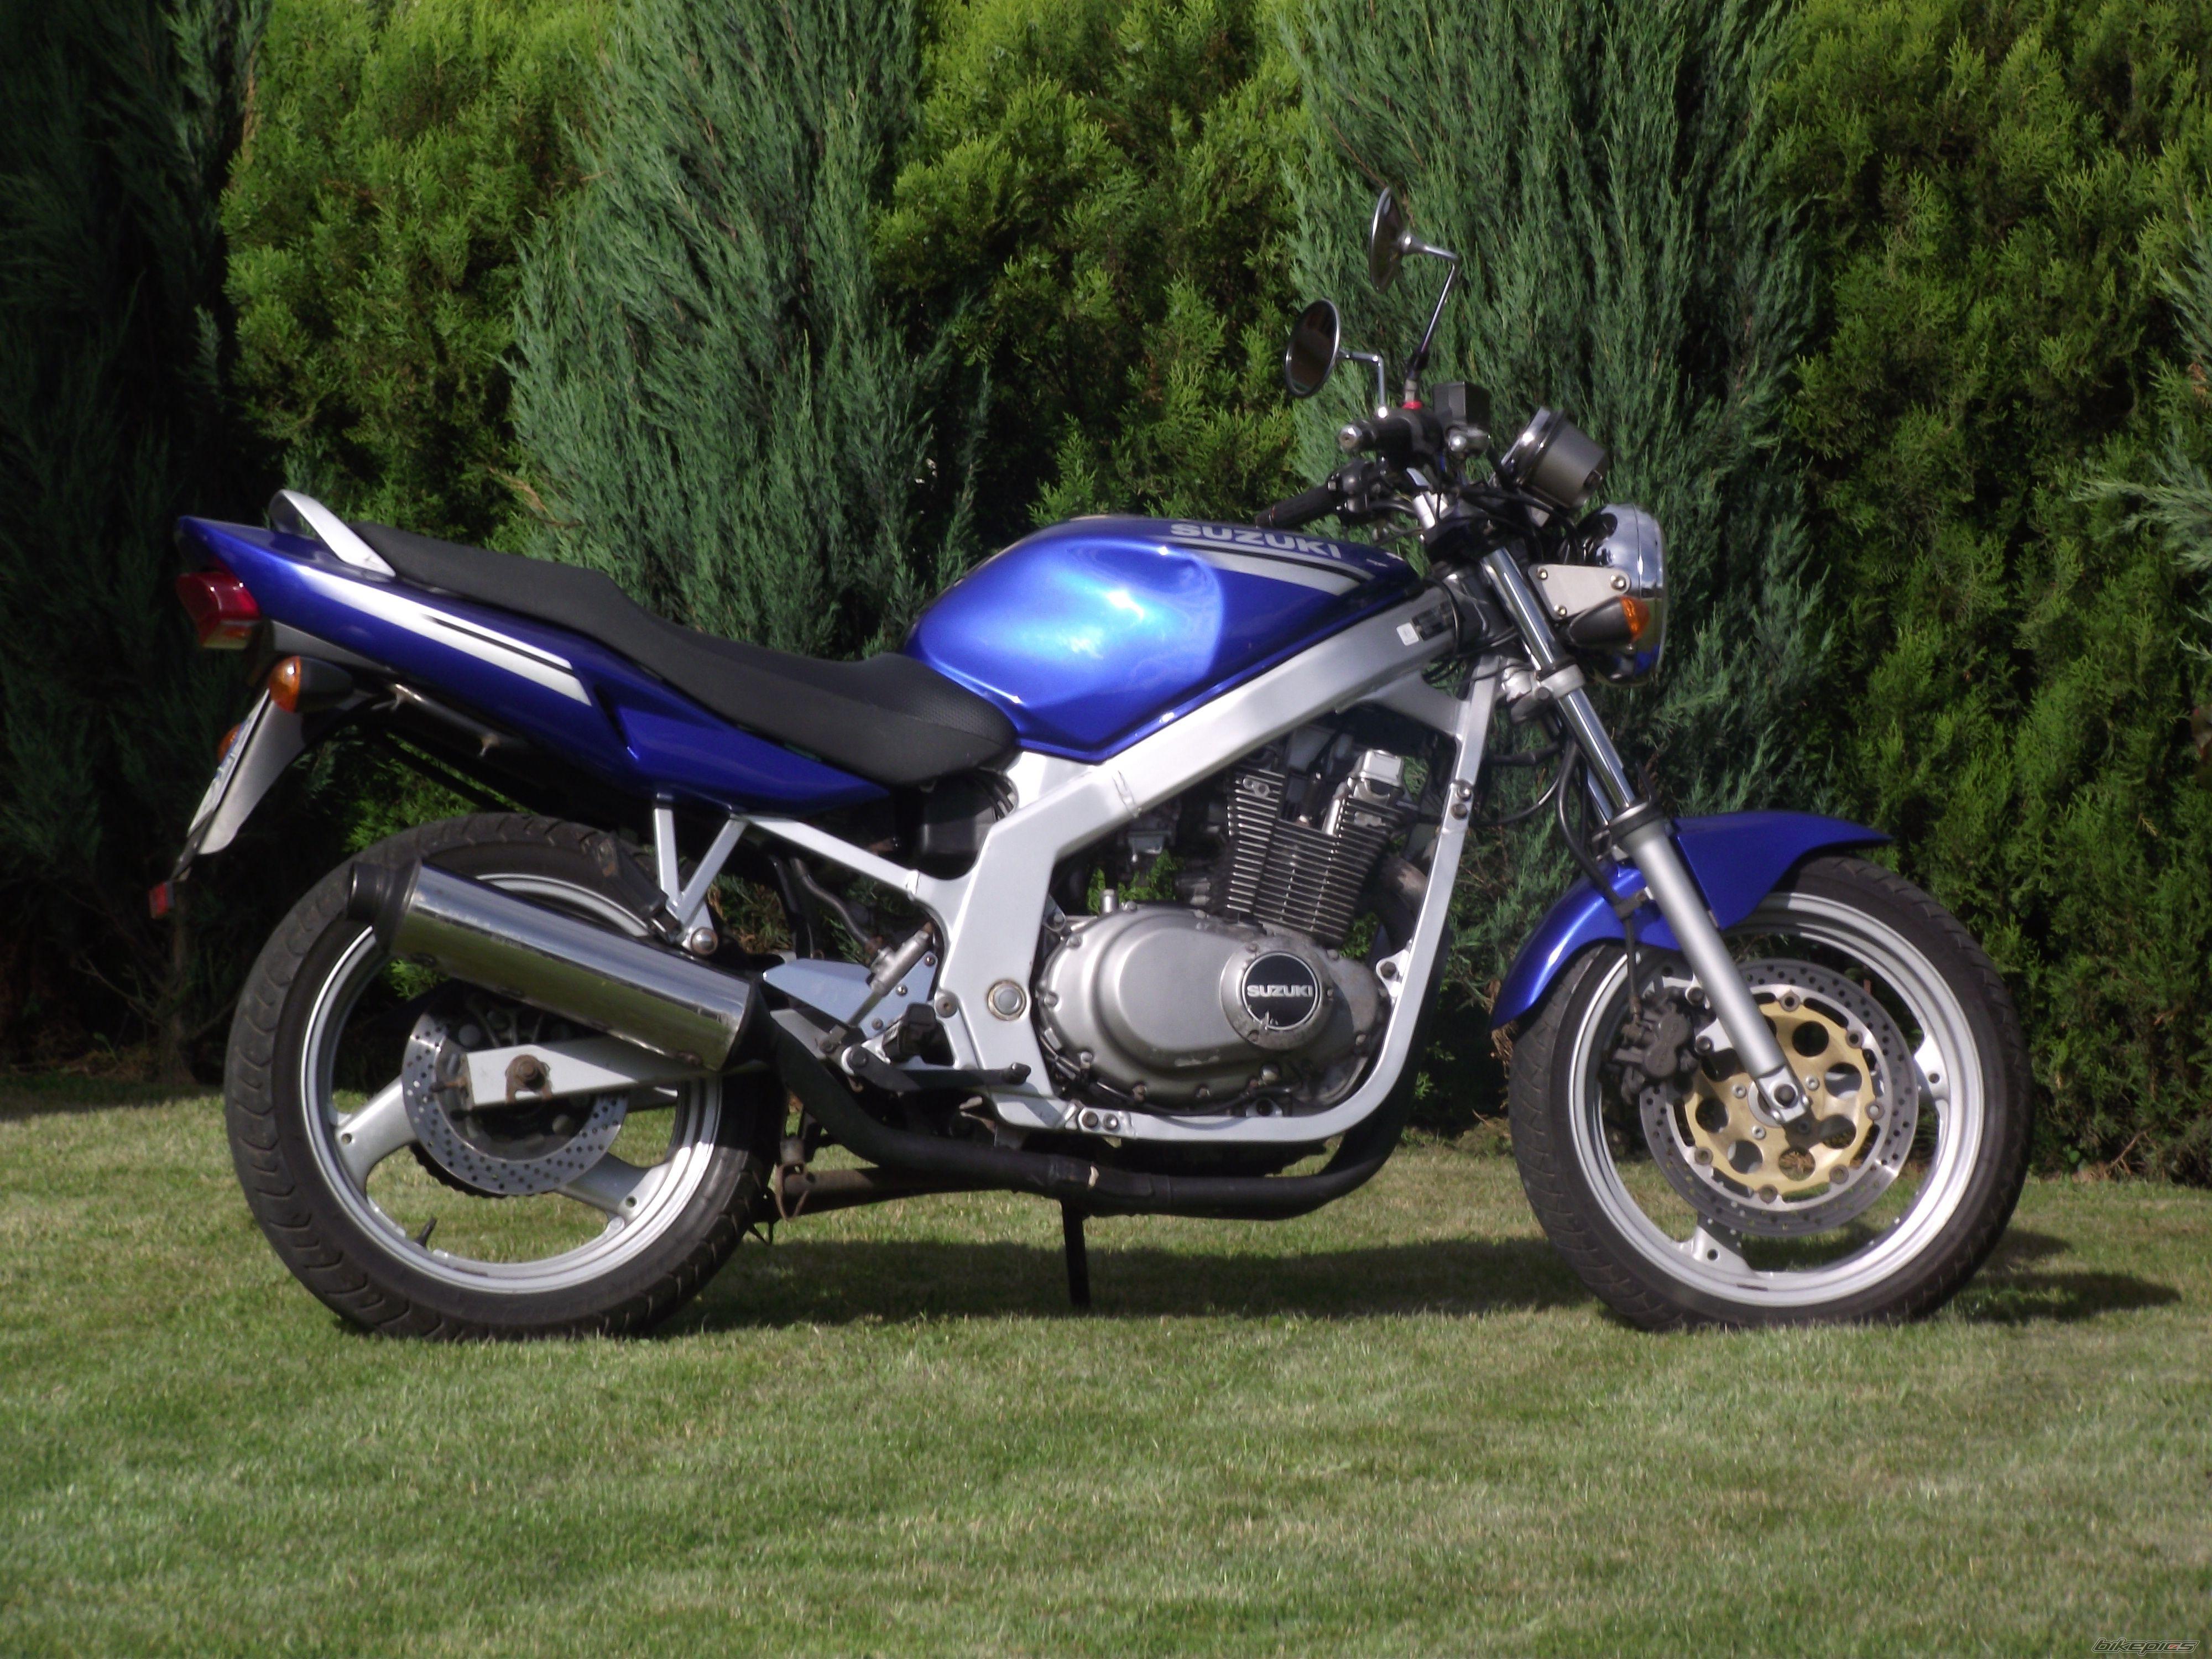 Brugt Suzuki GS 500 2001 til salg